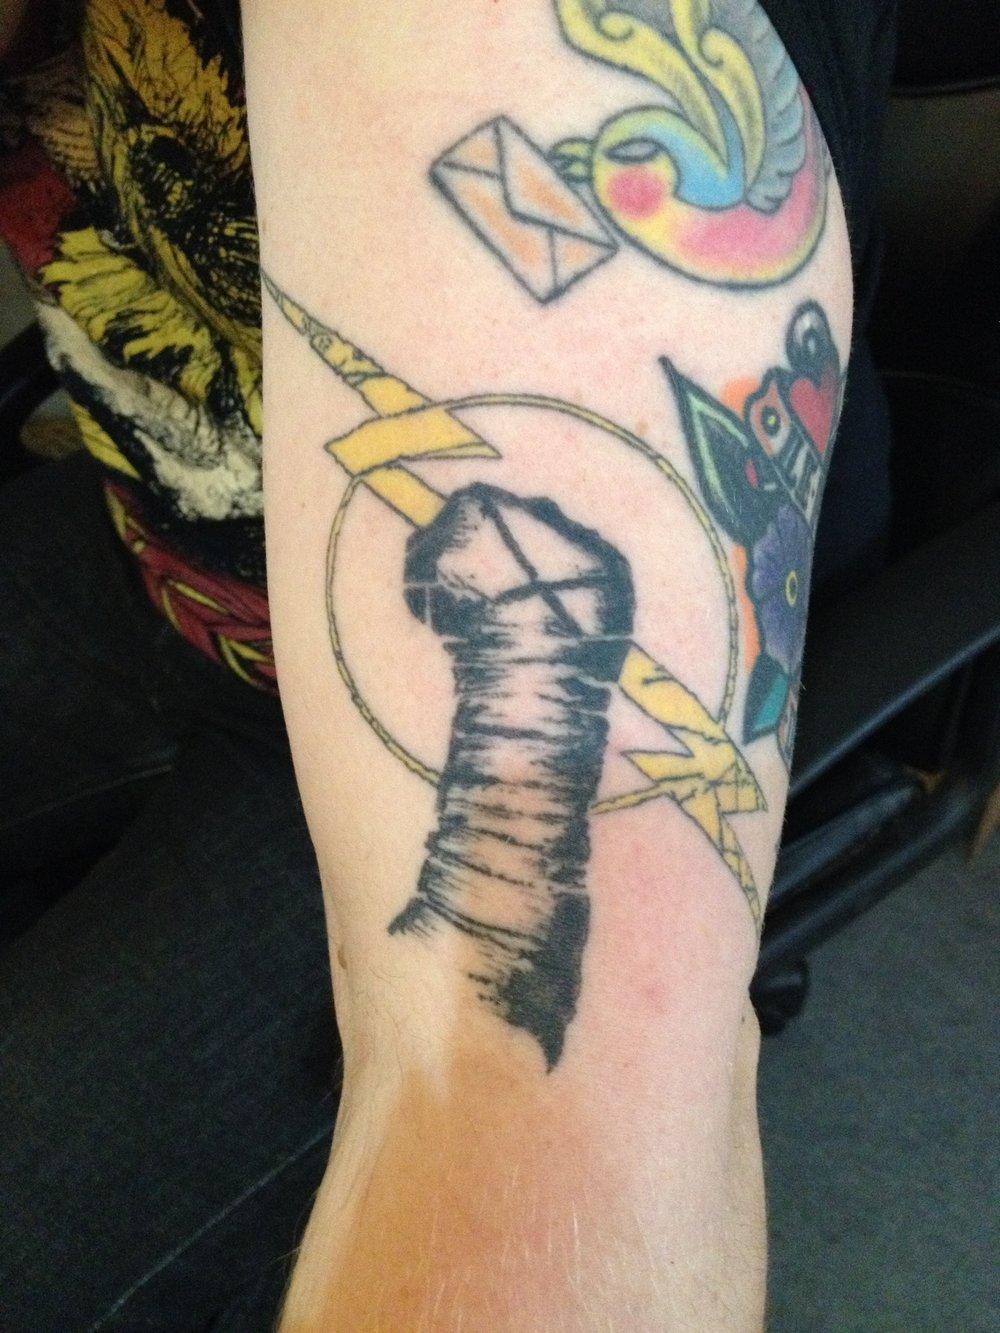 Michael's CM Punk WWE tattoo